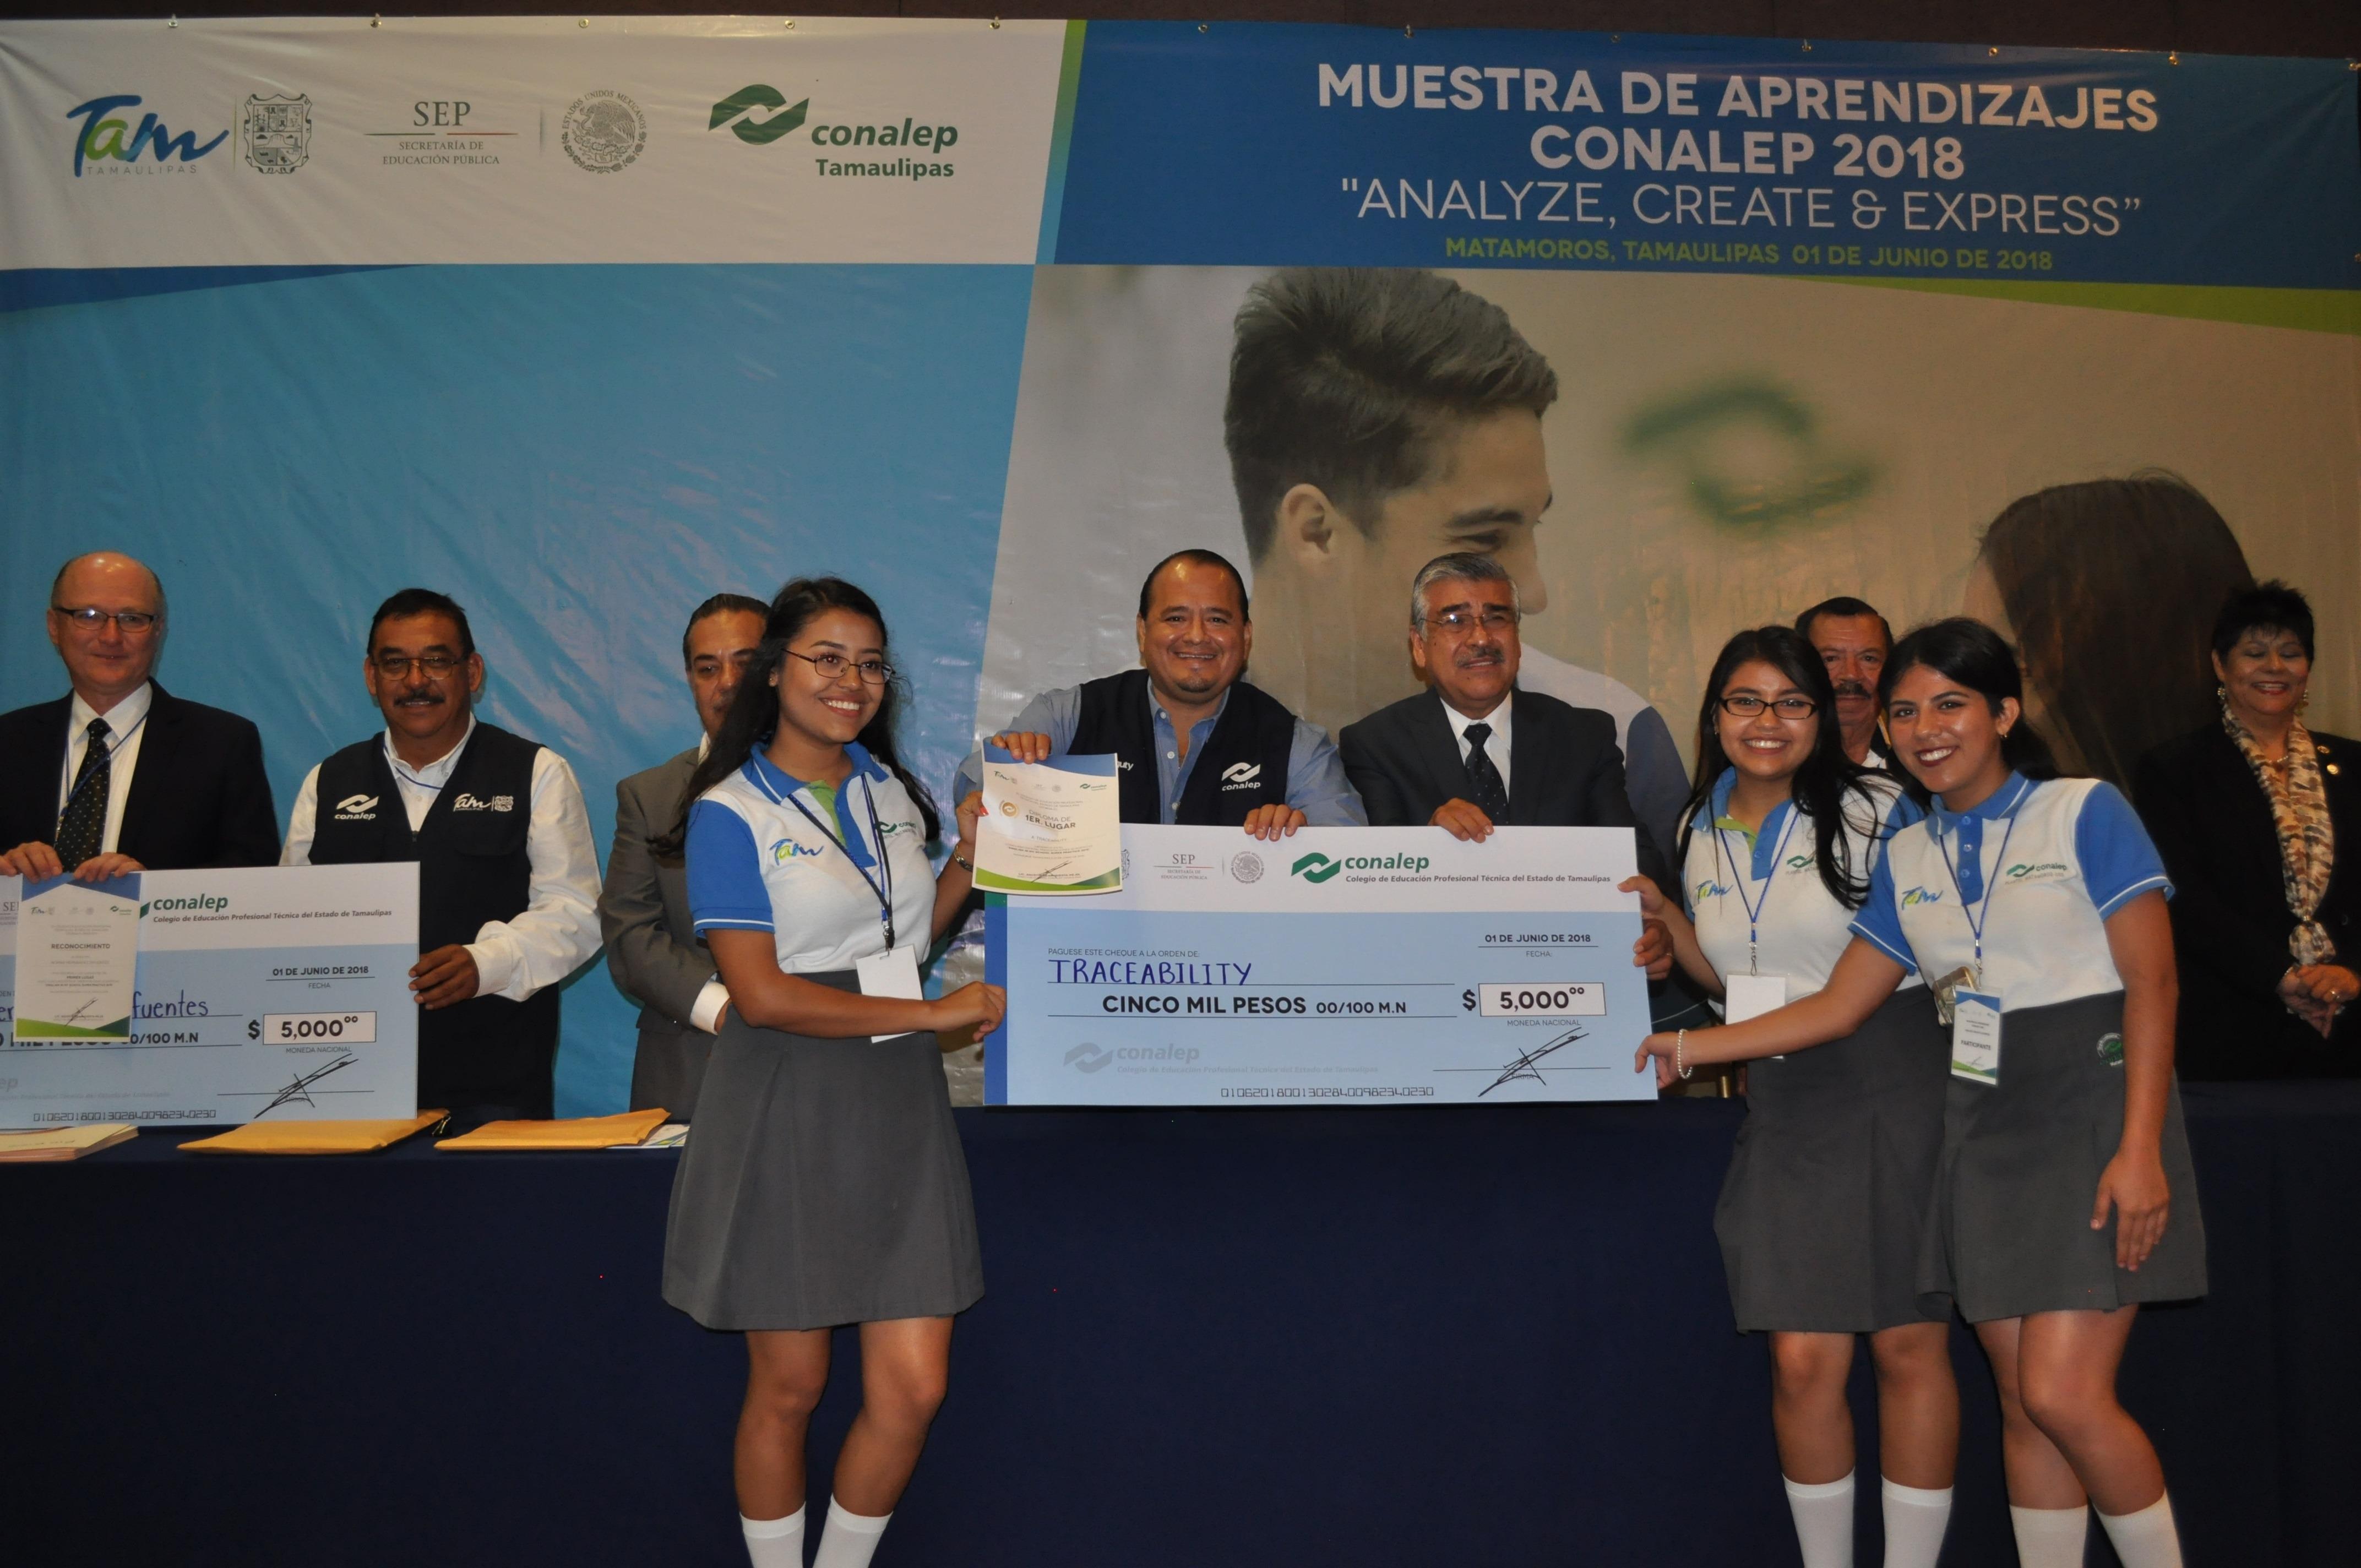 Realiza Conalep Tamaulipas muestra de aprendizajes 2018